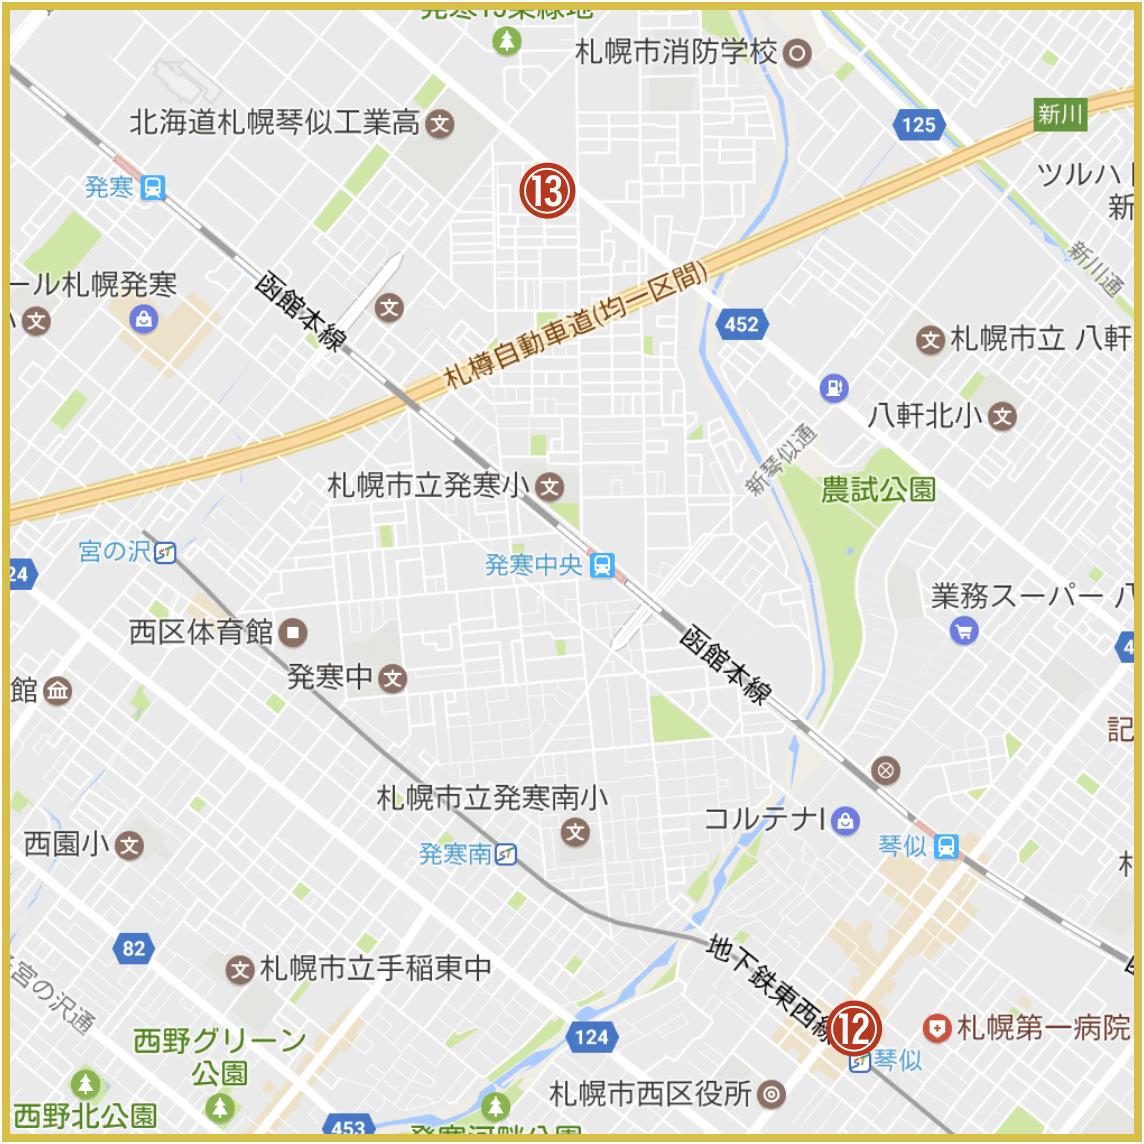 札幌市西区にあるアコム店舗・ATMの位置(2020年4月版)